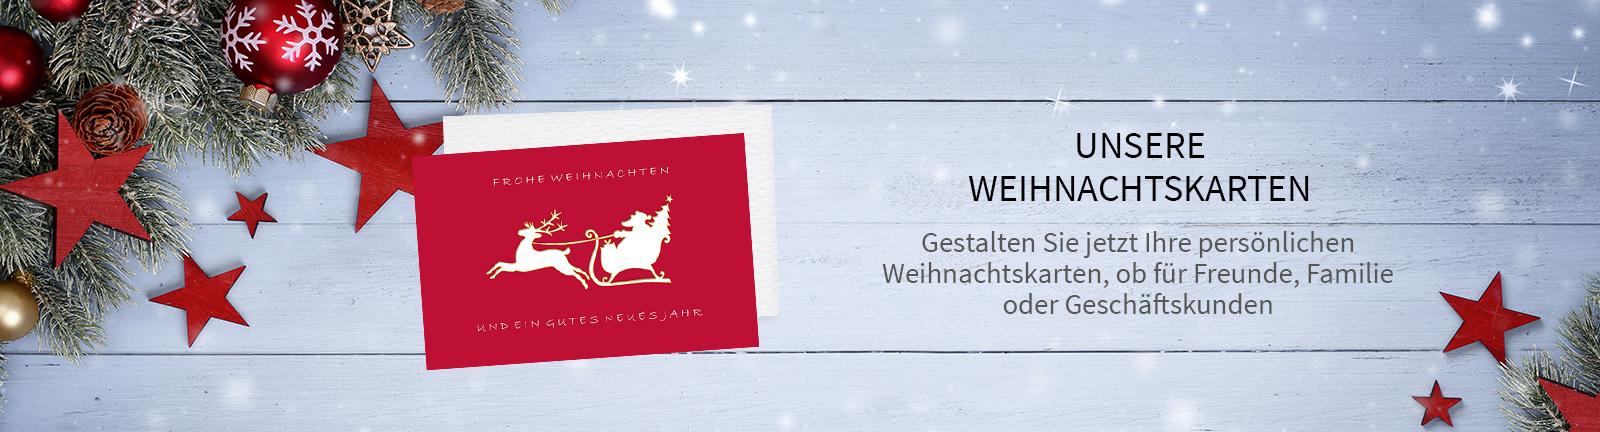 weihnachts kollektion weihnachtskarten raab verlag shop